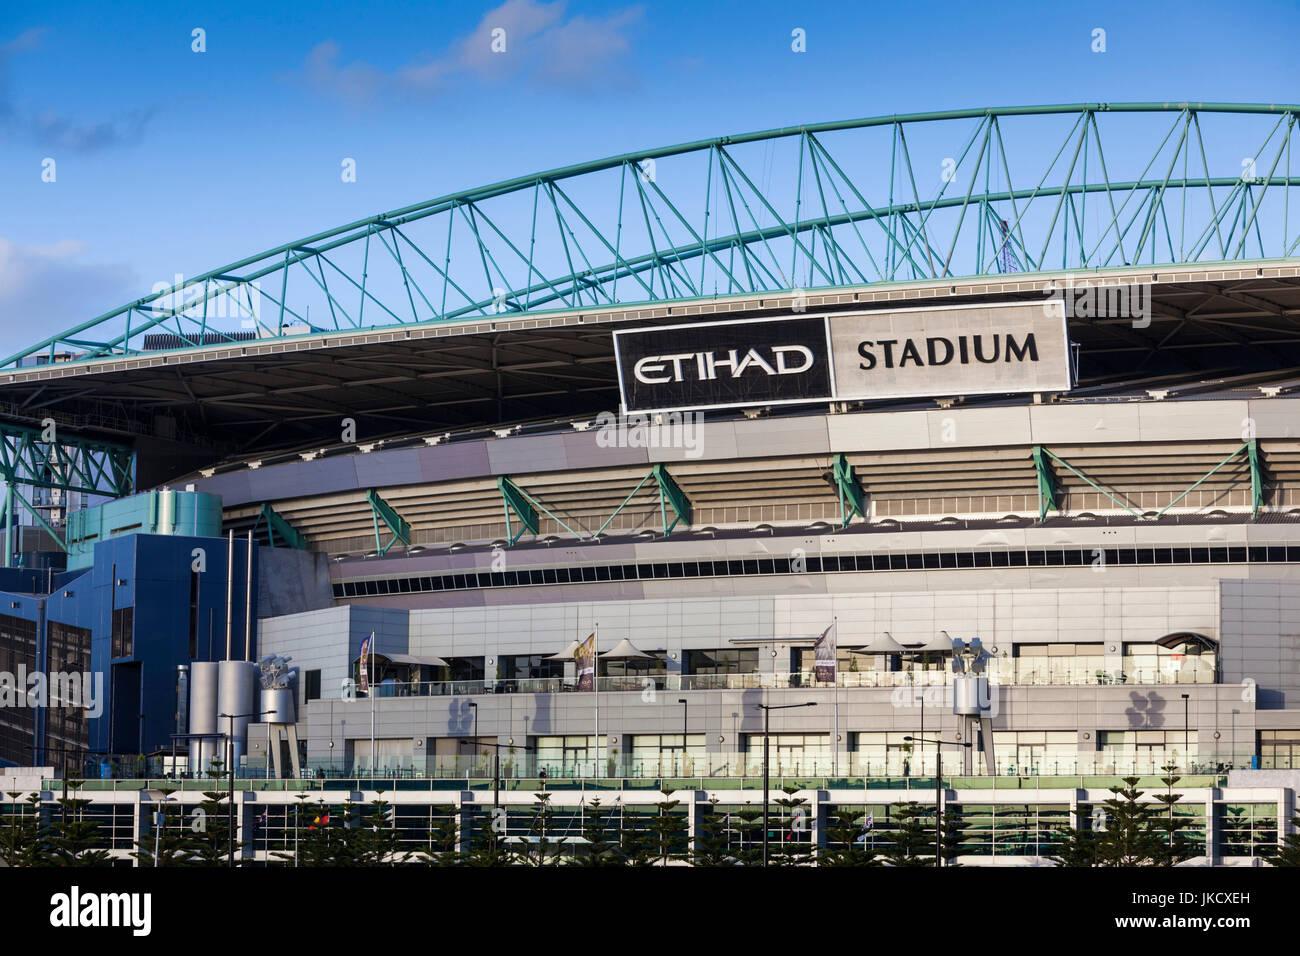 Australia, Victoria, VIC, Melbourne, Docklands, Victoria Harbour, Harbour Town Complex, Etihad Stadium - Stock Image